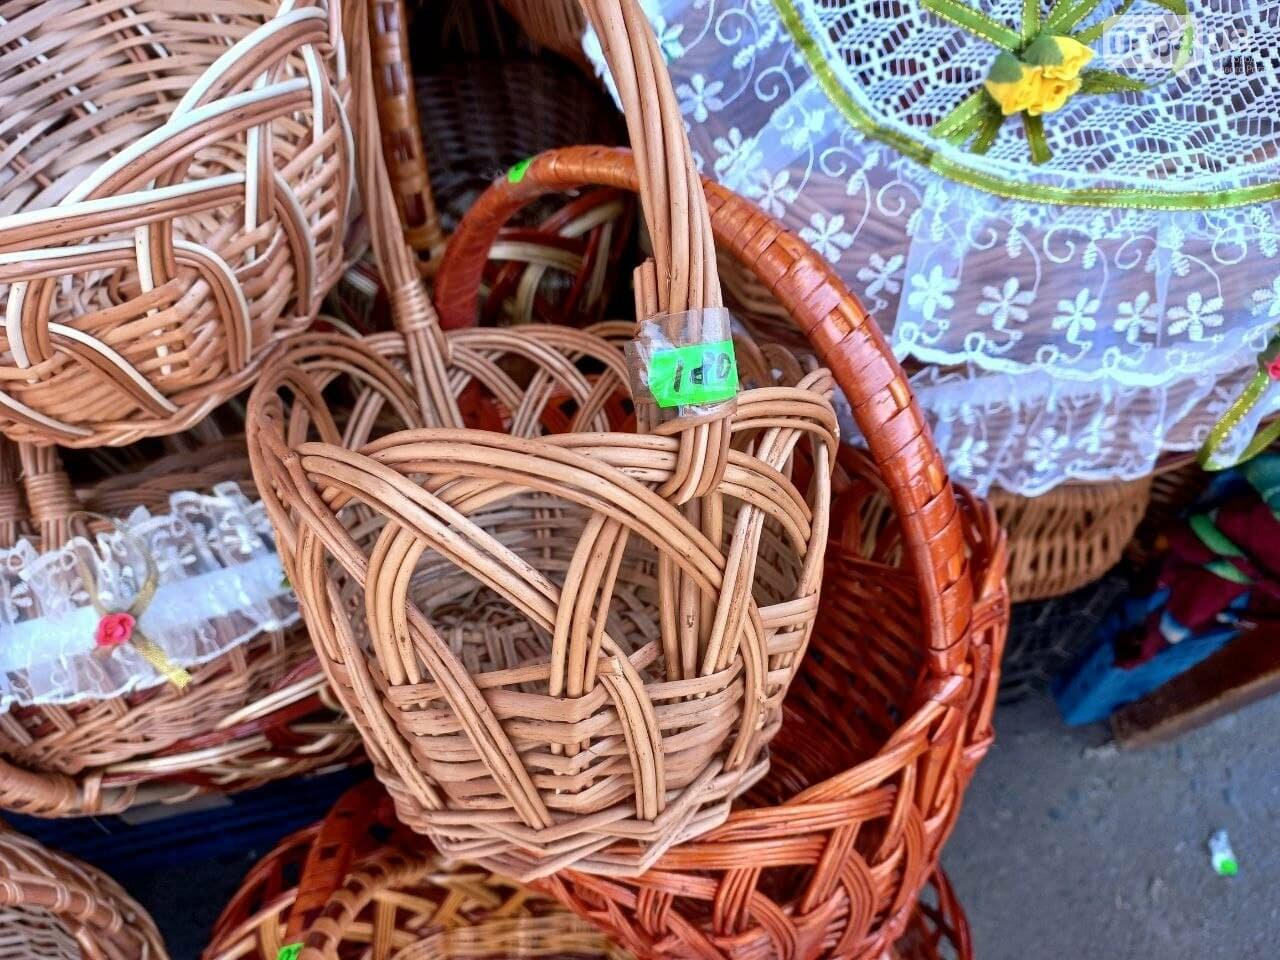 Пасхальная корзина 2021: сколько стоит традиционный праздничный набор продуктов в Кривом Роге, - ФОТО, фото-31